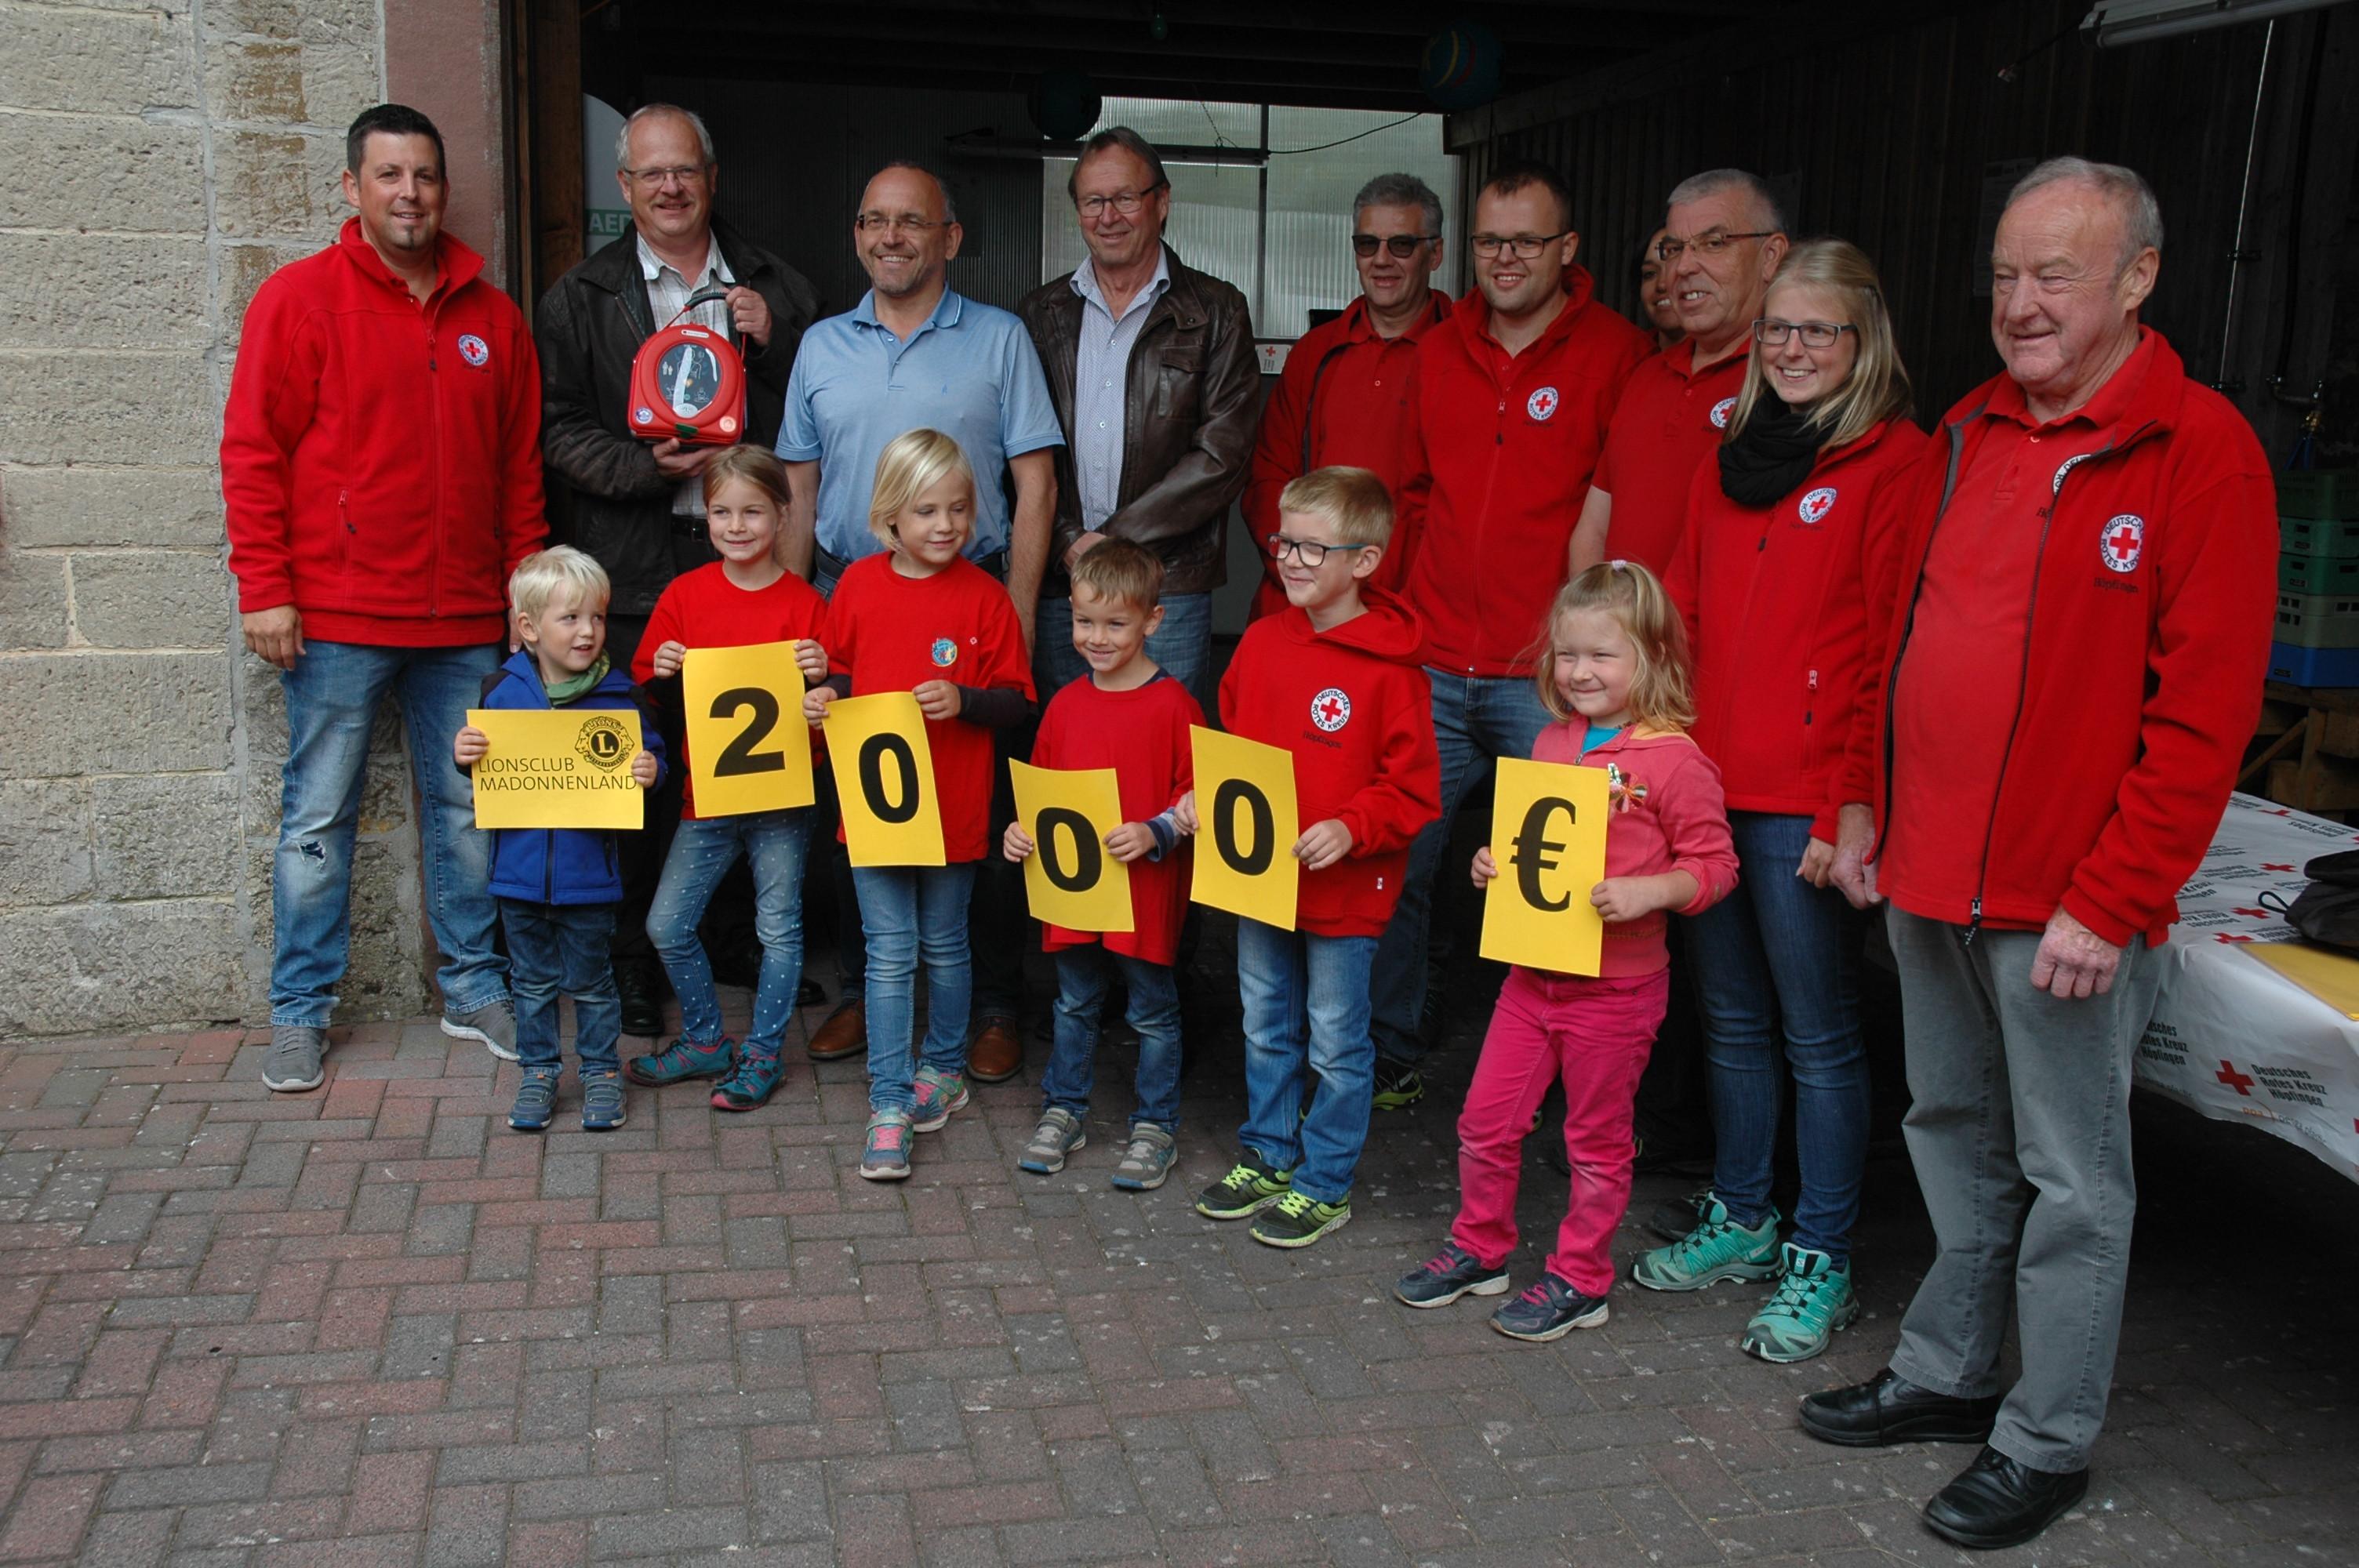 Pressemitteilung Lions Club Madonnenland, Verfasser: Adrian Brosch